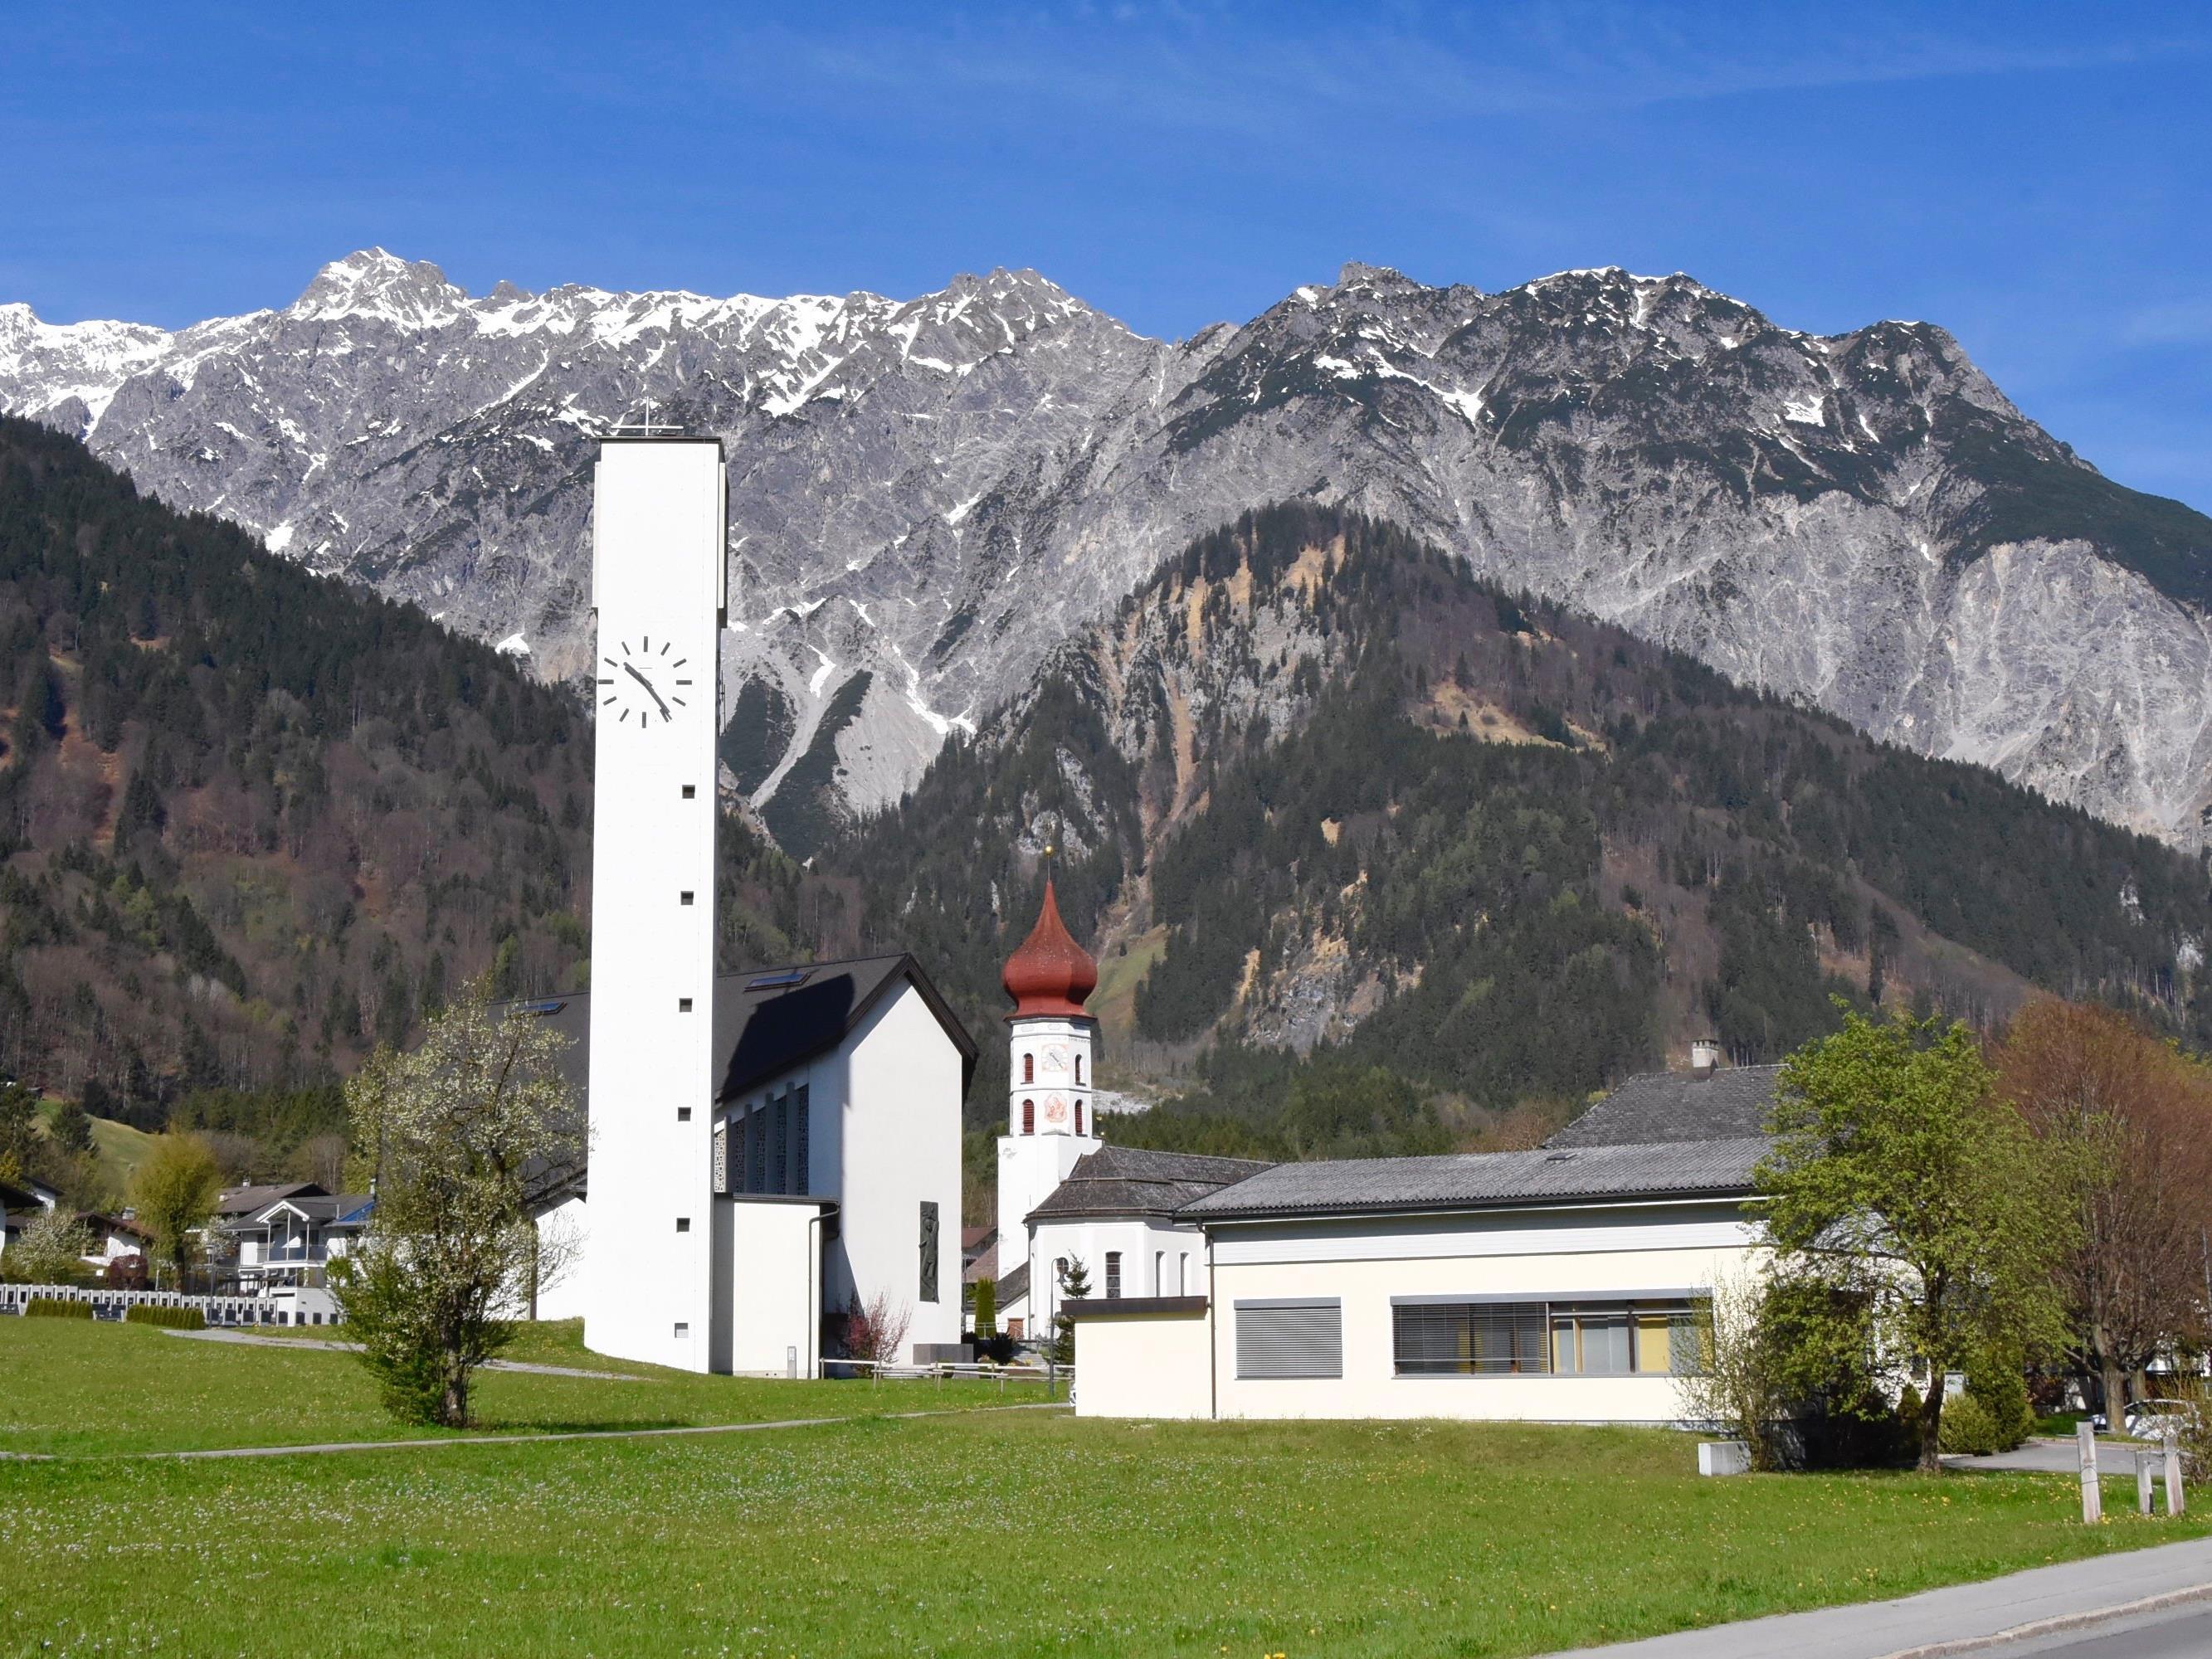 Neue und Alte Pfarrkirche Vandans mit der Vandanser Steinwand in einer Aufnahme vom Mittwoch vor Ostern 2017